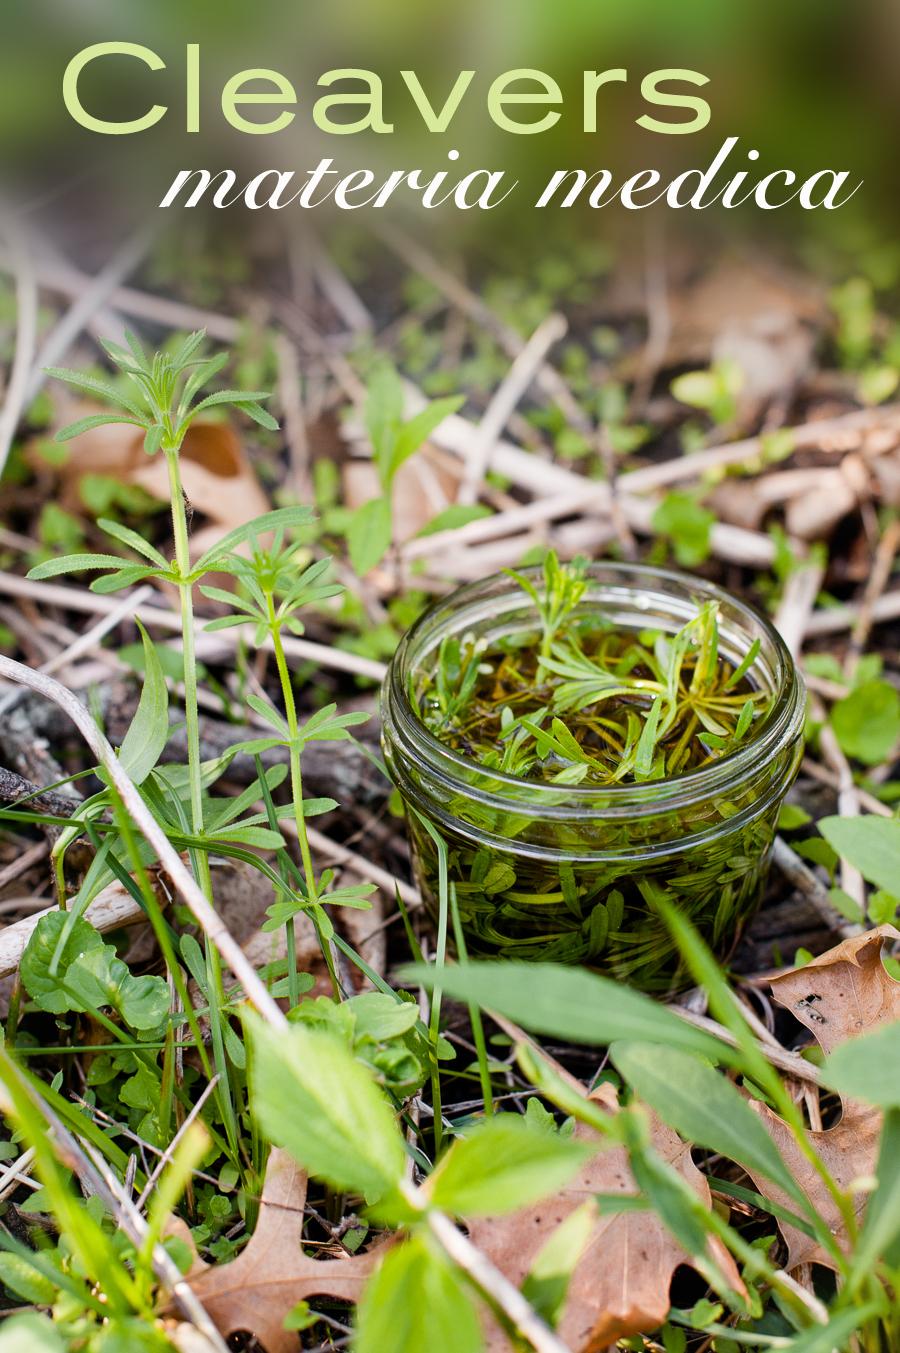 TerraSura-Herbs-Cleavers-3291.jpg